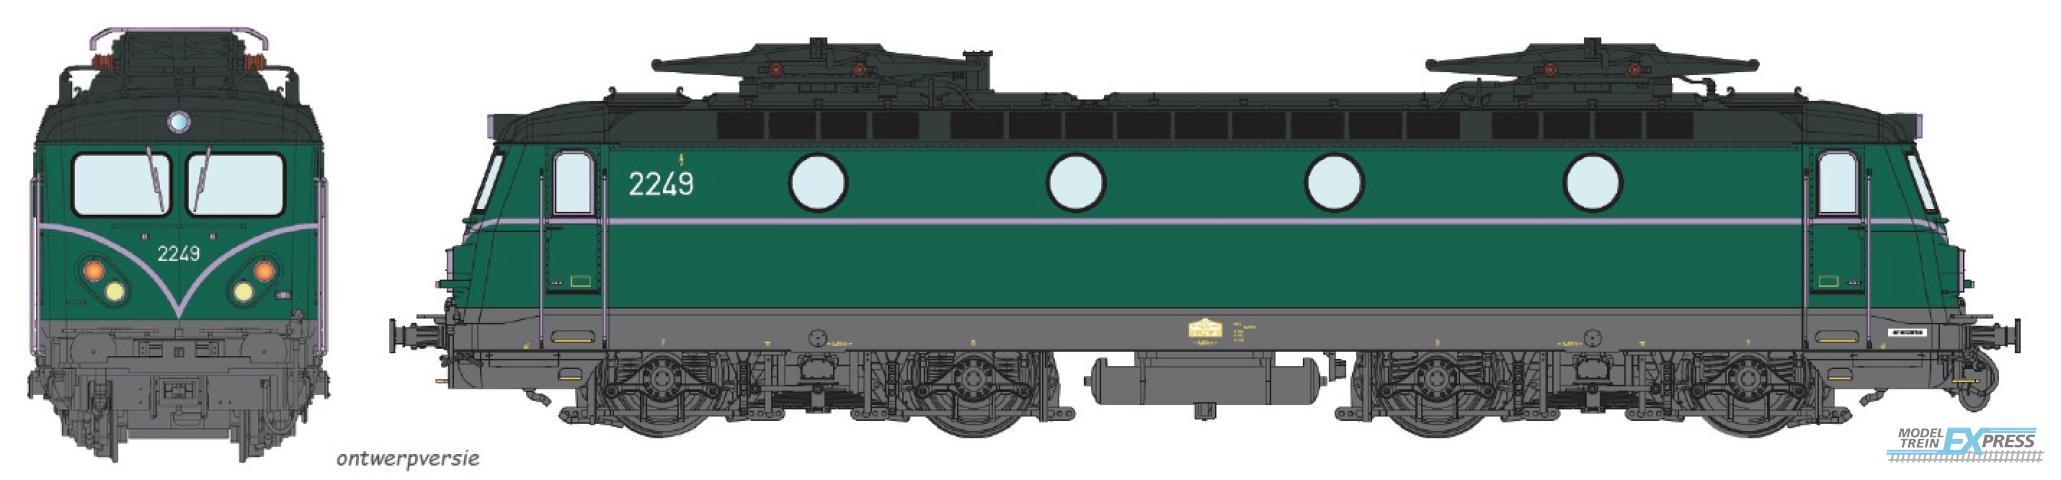 B-Models 3306.02